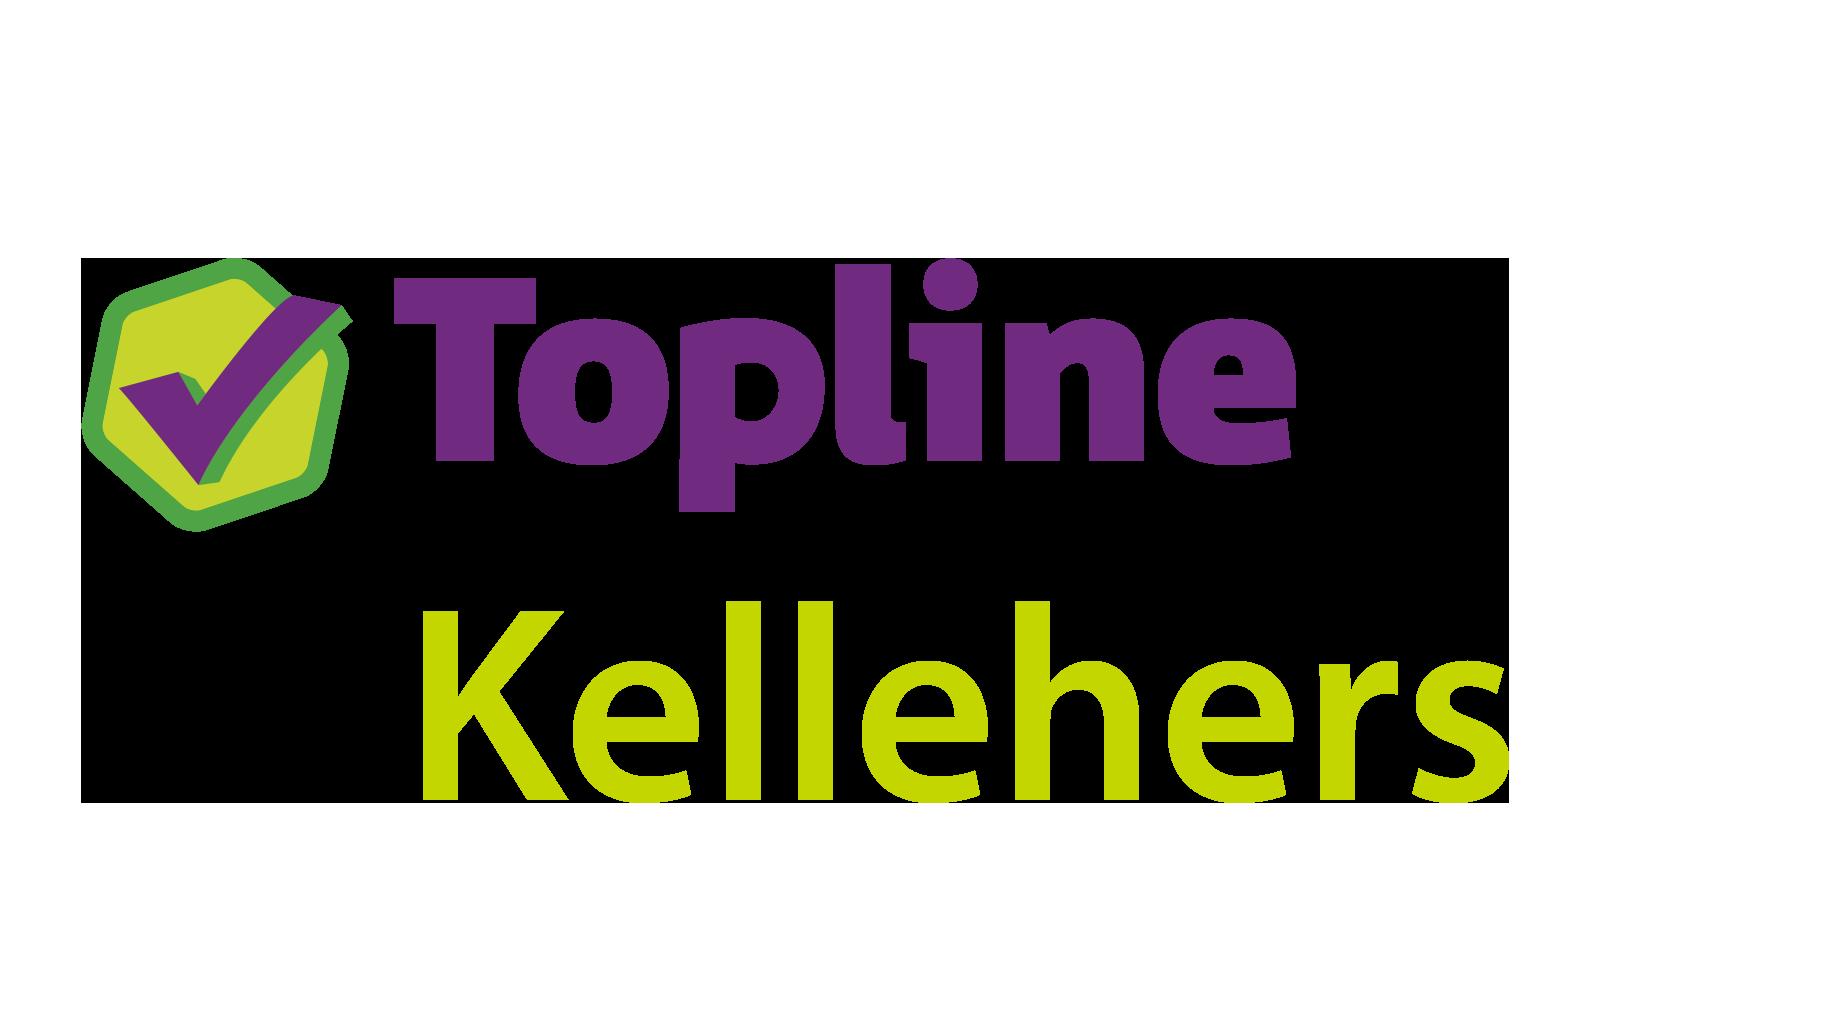 Topline Kellehers